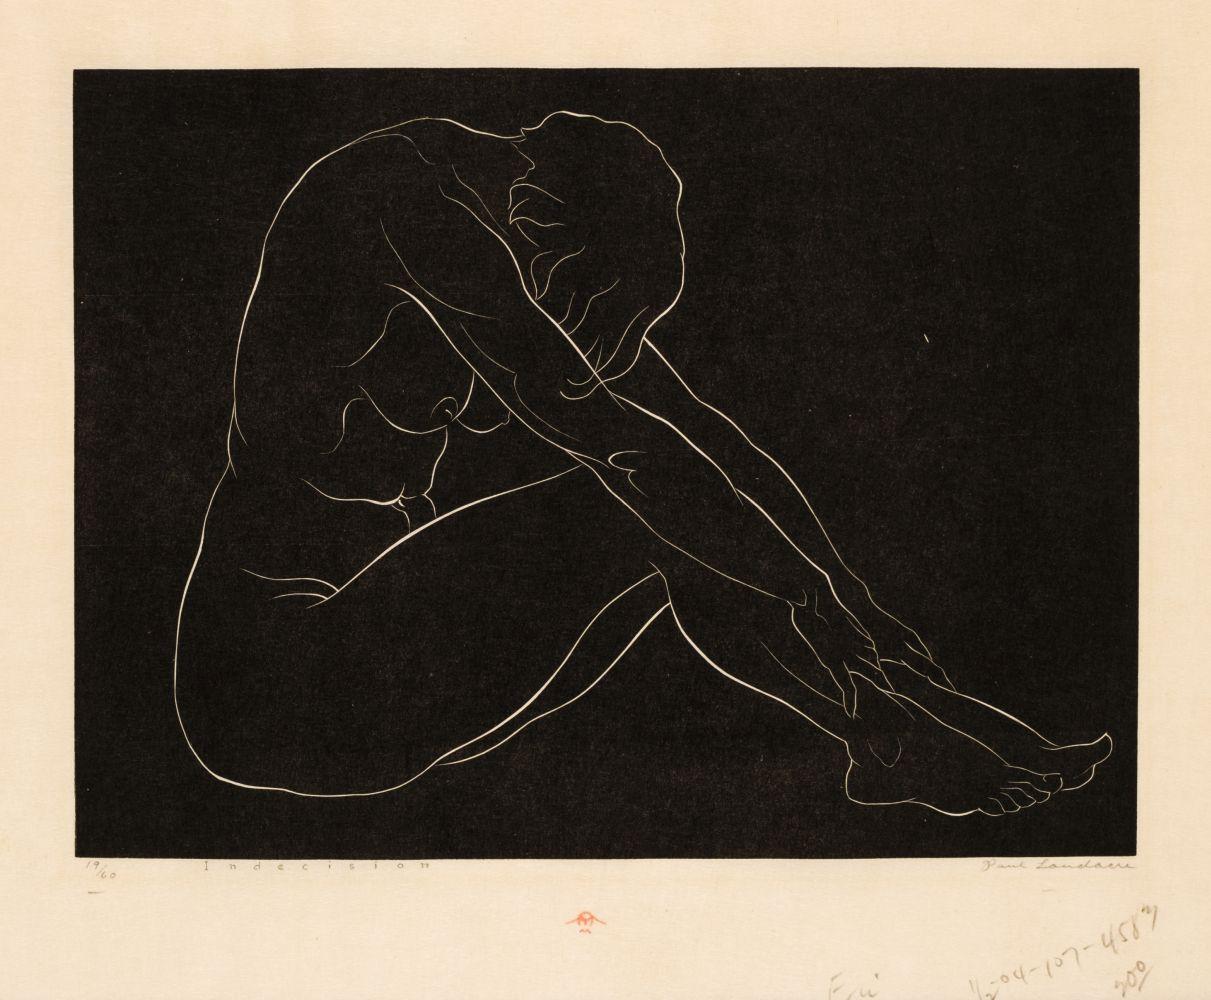 * Landacre (Paul, 1893-1963). Indecision, 1935